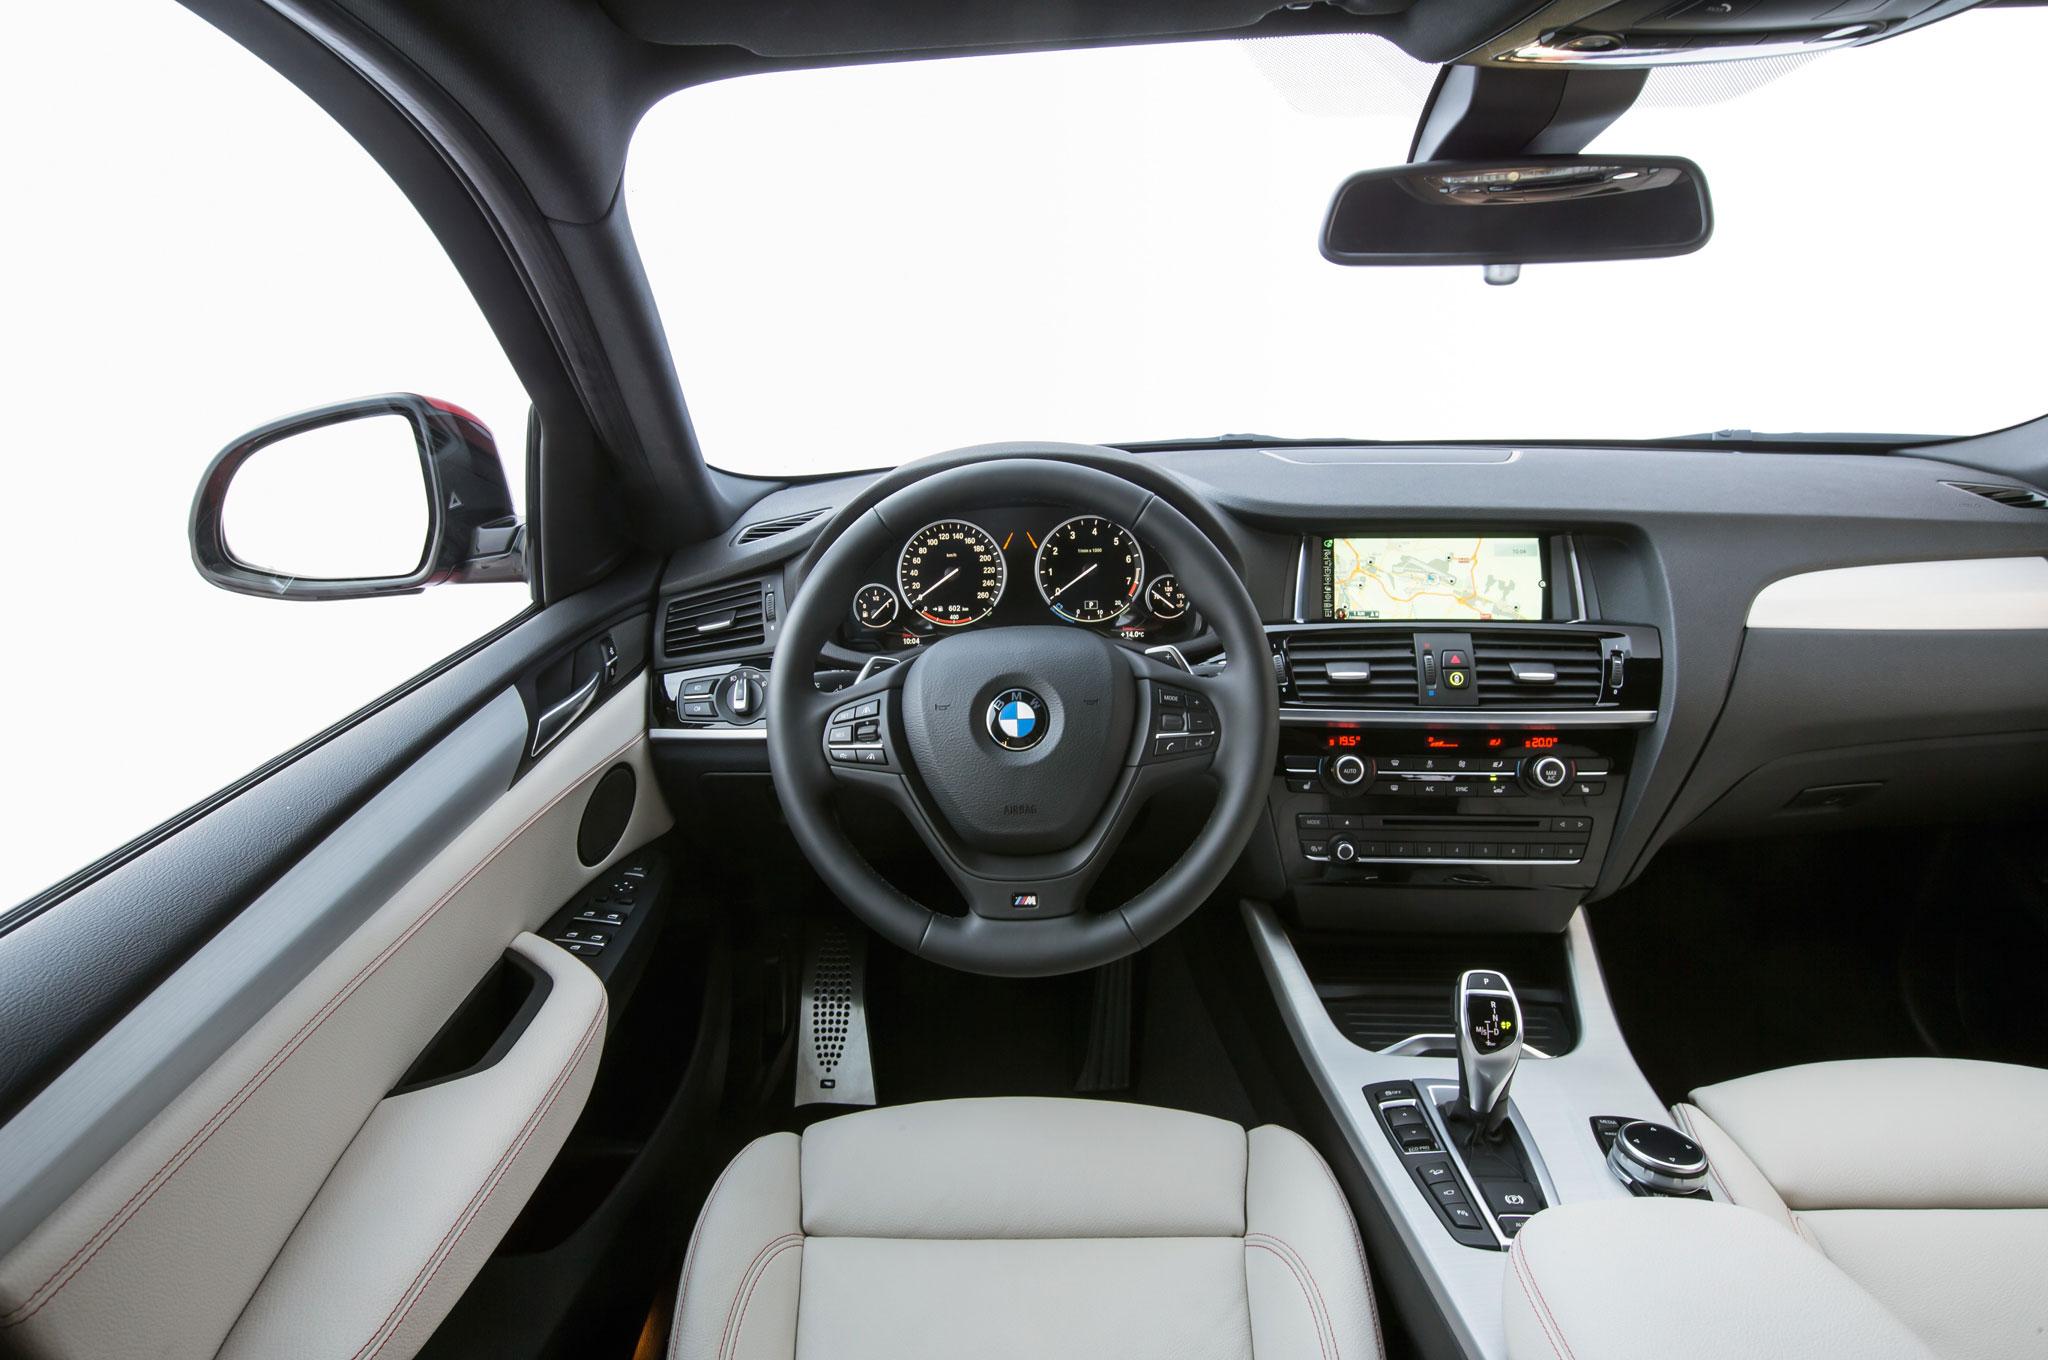 2015 Bmw X4 Xdrive35i Review Automobile Magazine